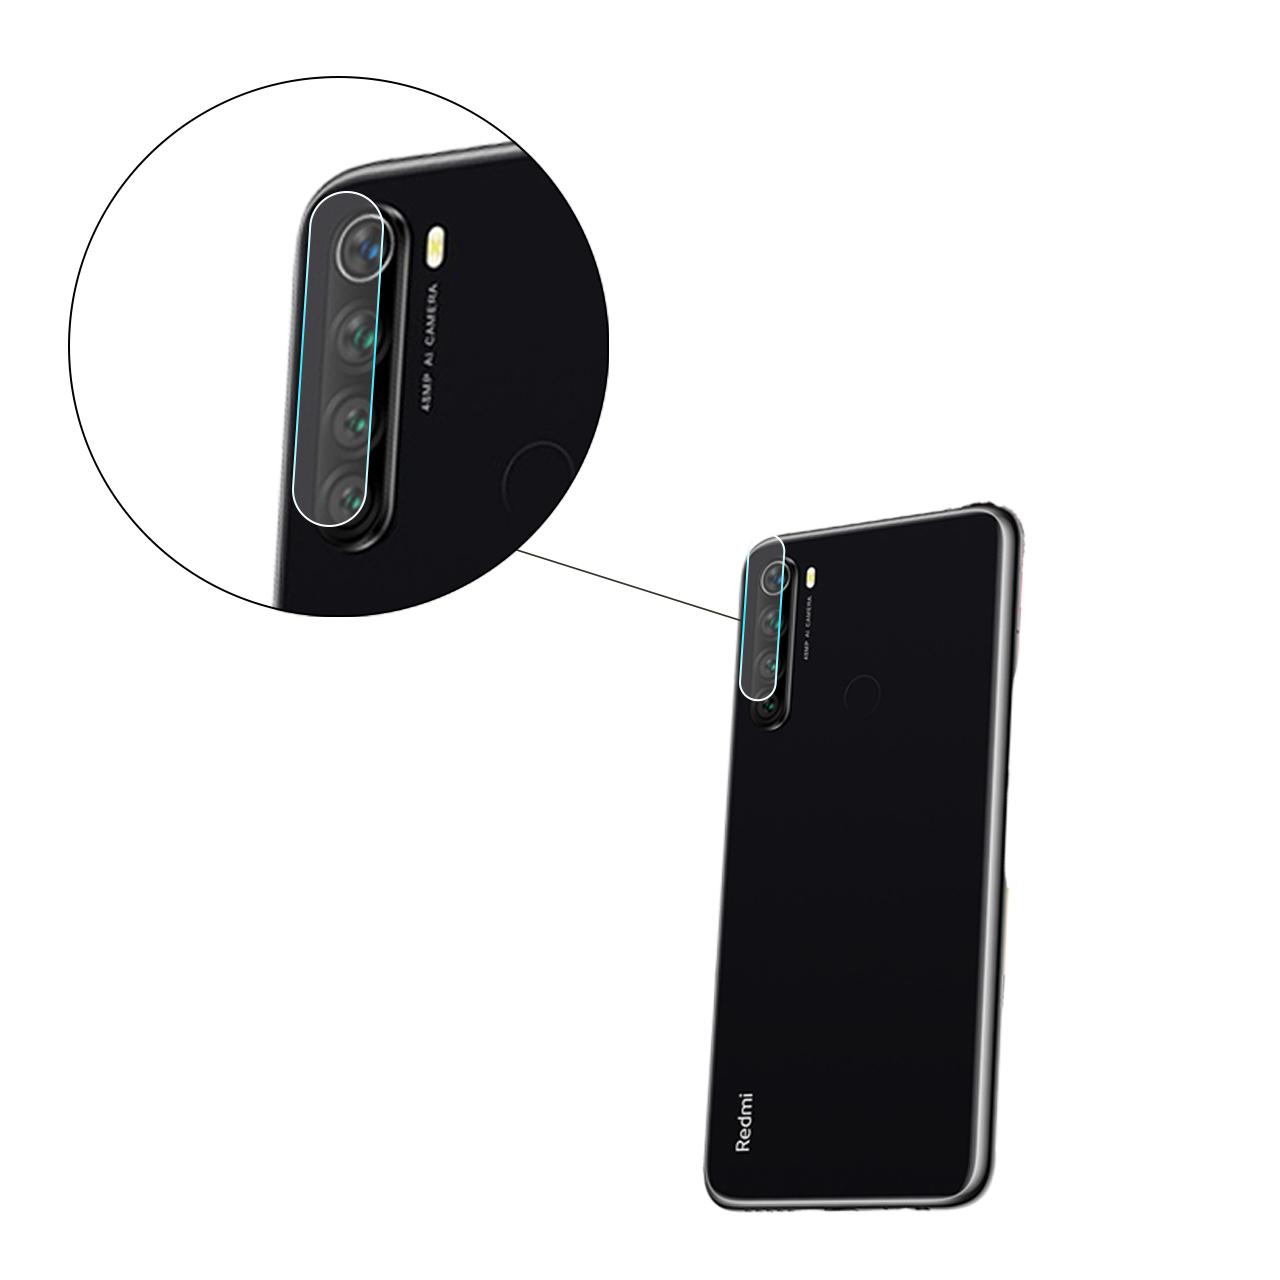 محافظ لنز دوربین مدل L039 مناسب برای گوشی موبایل شیائومی Redmi Note 8 main 1 2